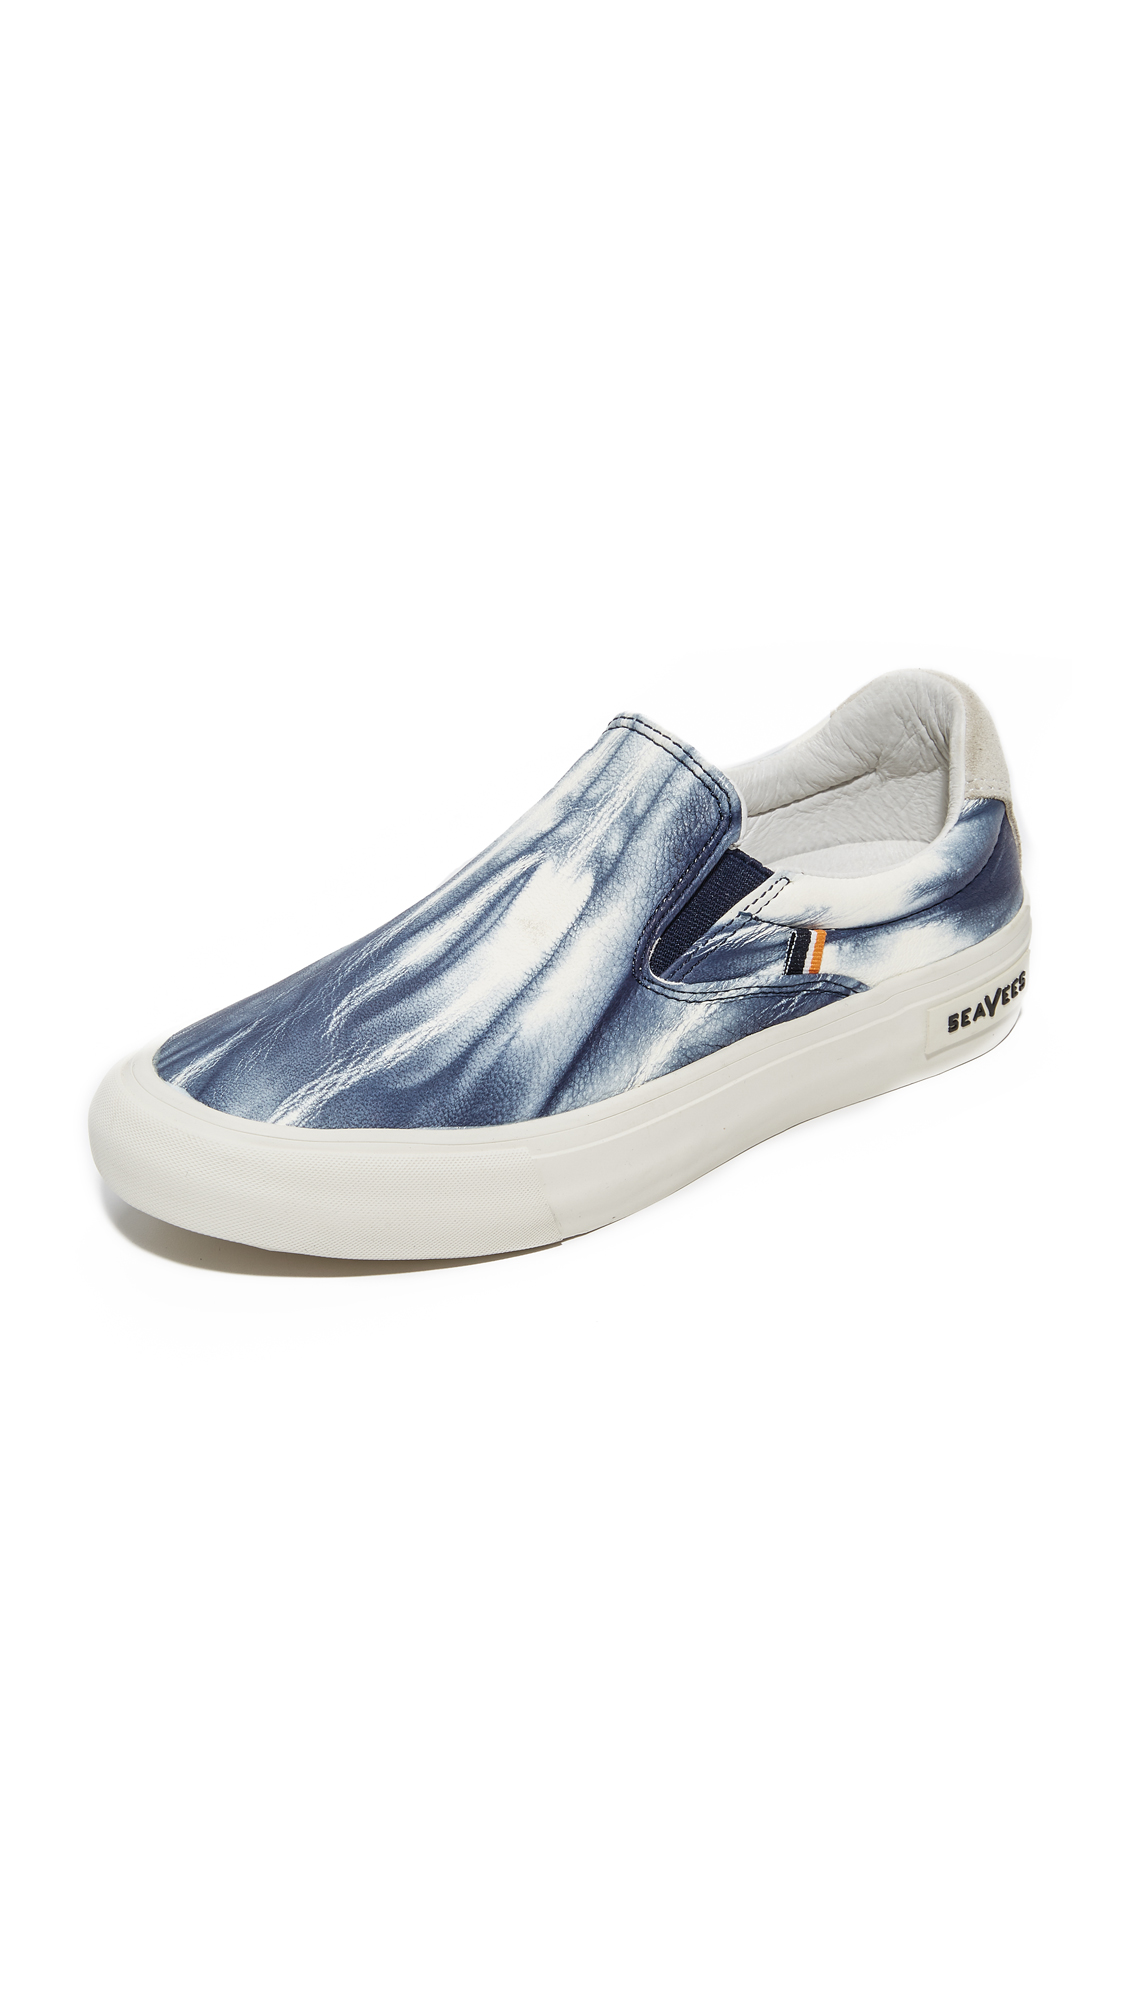 SeaVees x Derek Lam 10 Crosby Hawthorne Slip On Sneakers - Blue Tie Dye